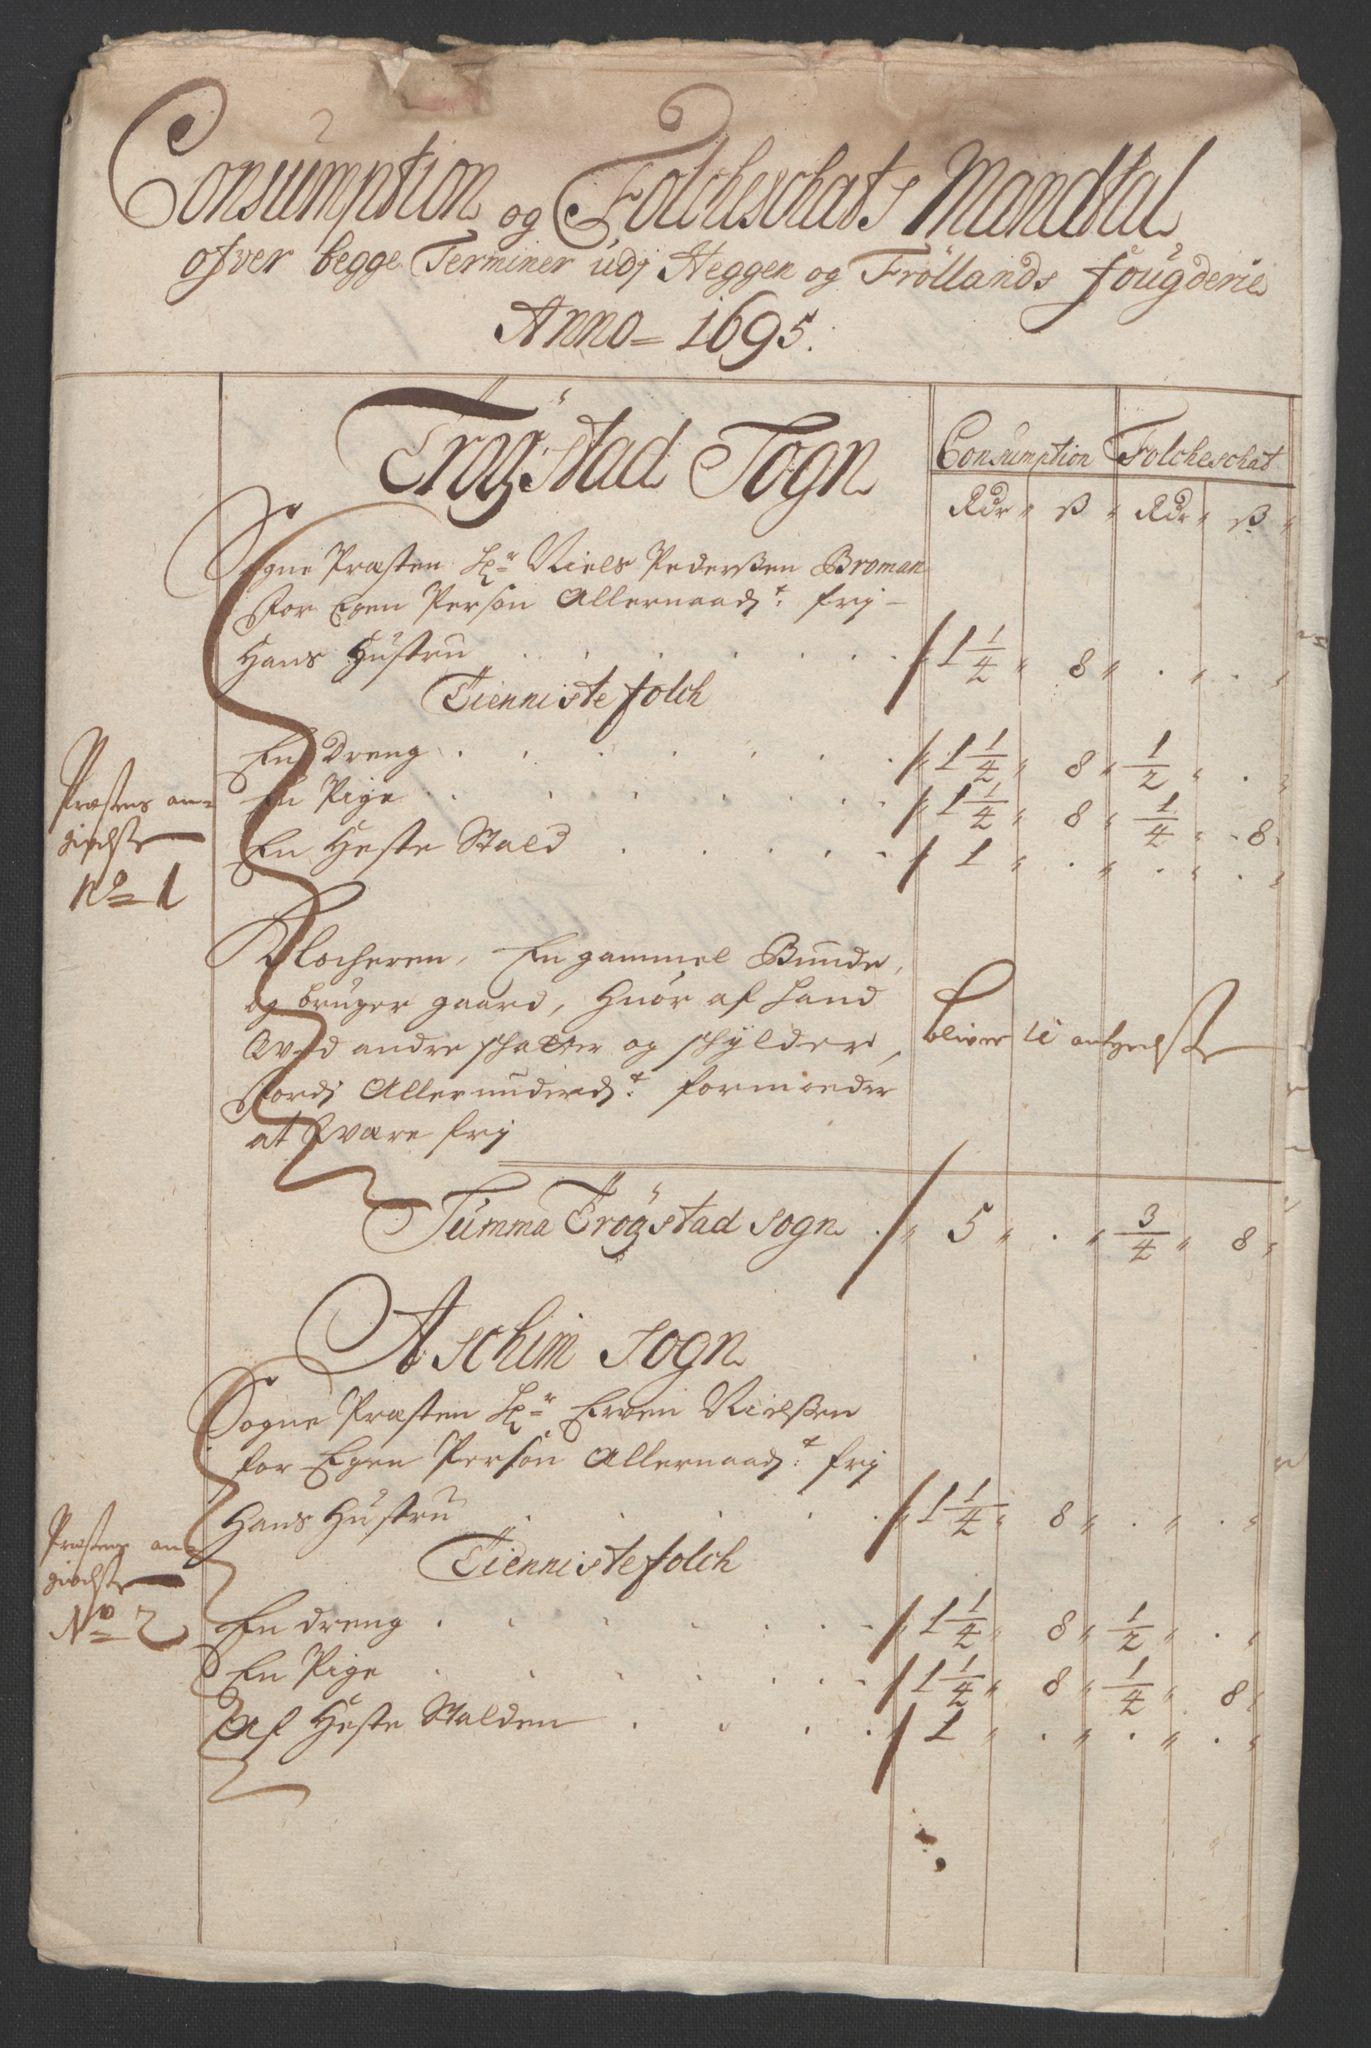 RA, Rentekammeret inntil 1814, Reviderte regnskaper, Fogderegnskap, R07/L0285: Fogderegnskap Rakkestad, Heggen og Frøland, 1695, s. 240